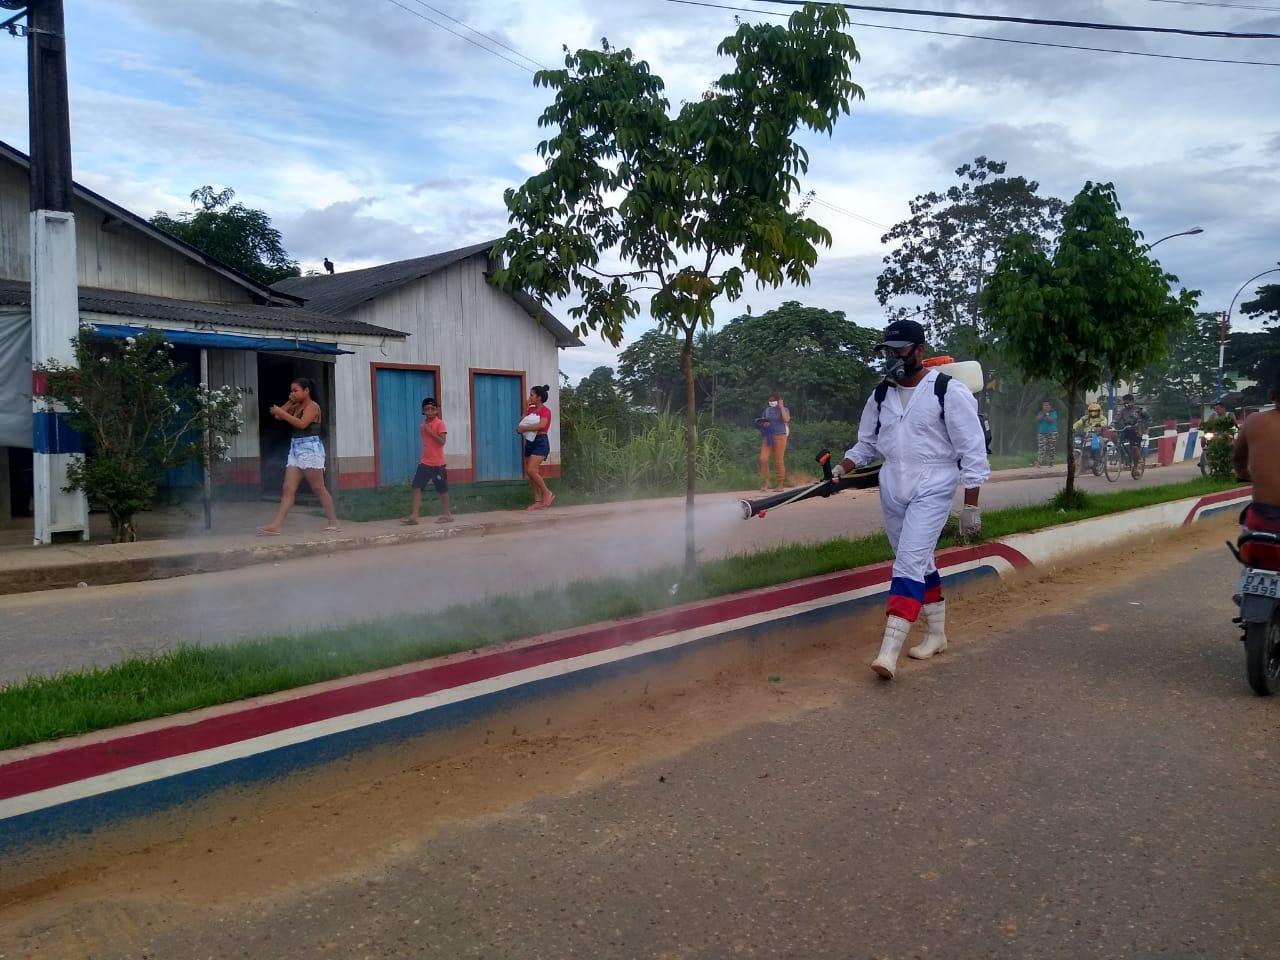 Prefeitura de Eirunepé inicia processo de desinfecção no hospital e em espaços públicos para conter o avanço da Covid-19 no município